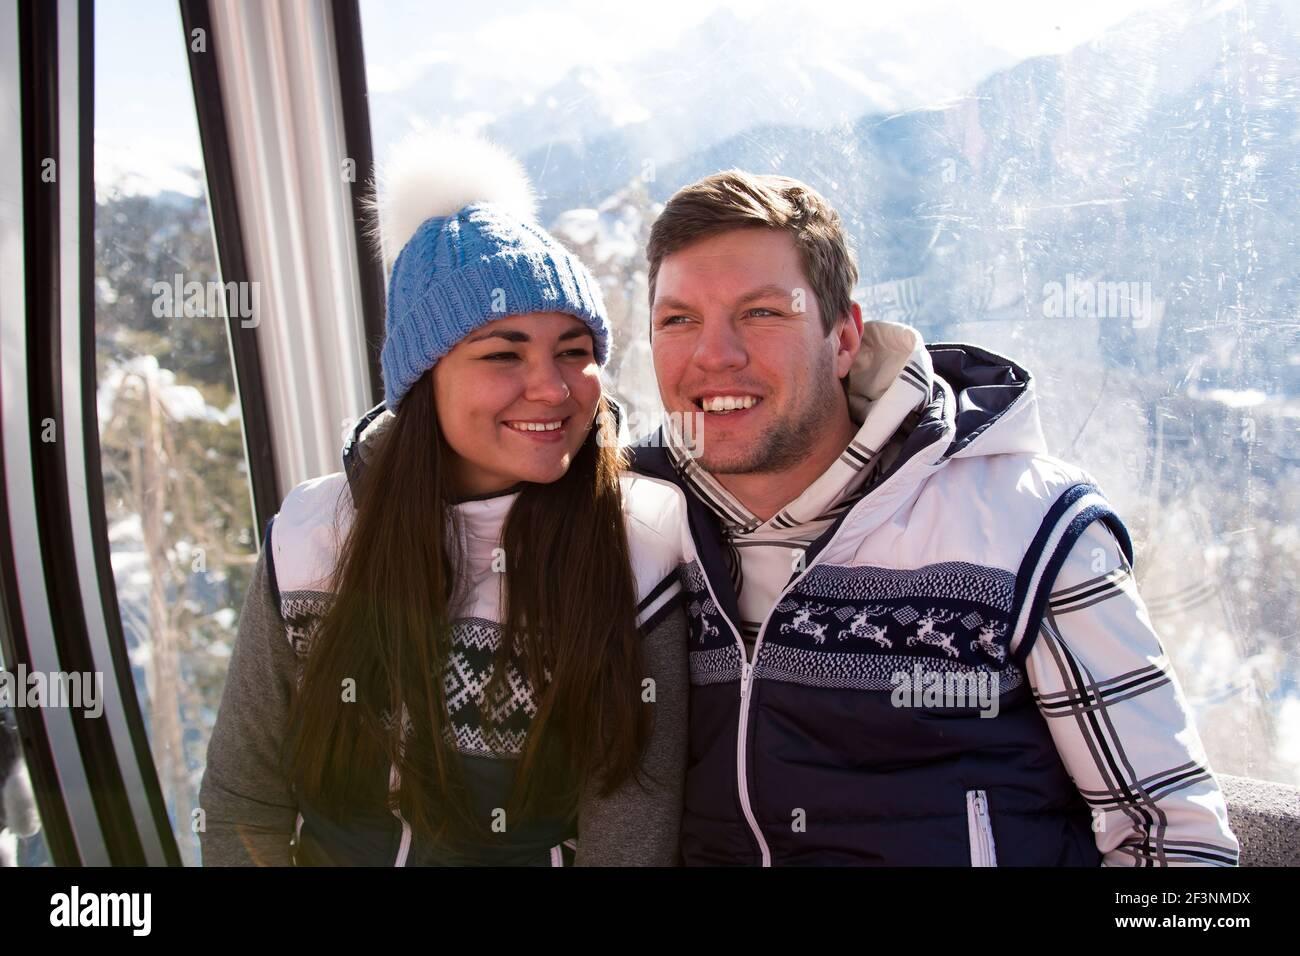 Skilift, Skifahren, Skigebiet - glückliche Skifahrer auf Skilift. Stockfoto